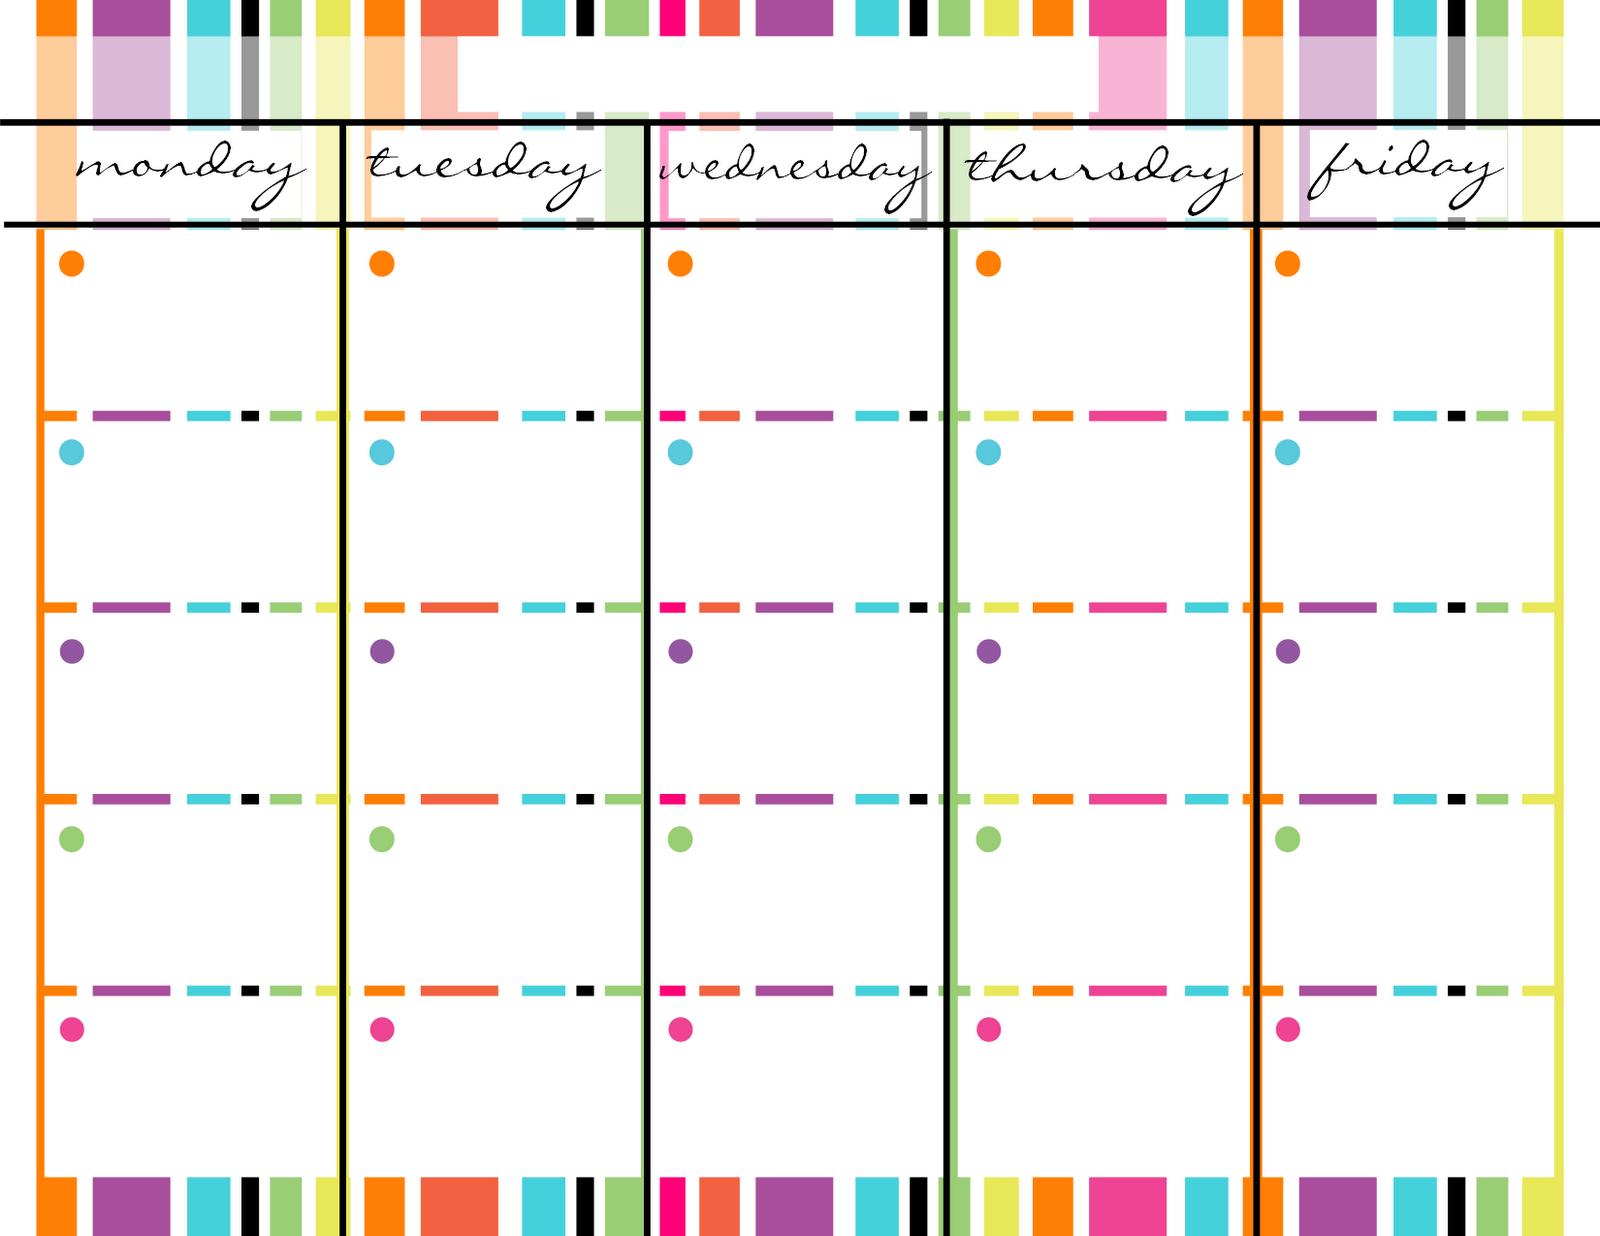 Blank Monday Through Friday Printable Calendar   Blank for Blank Calendar Template Monday Through Friday